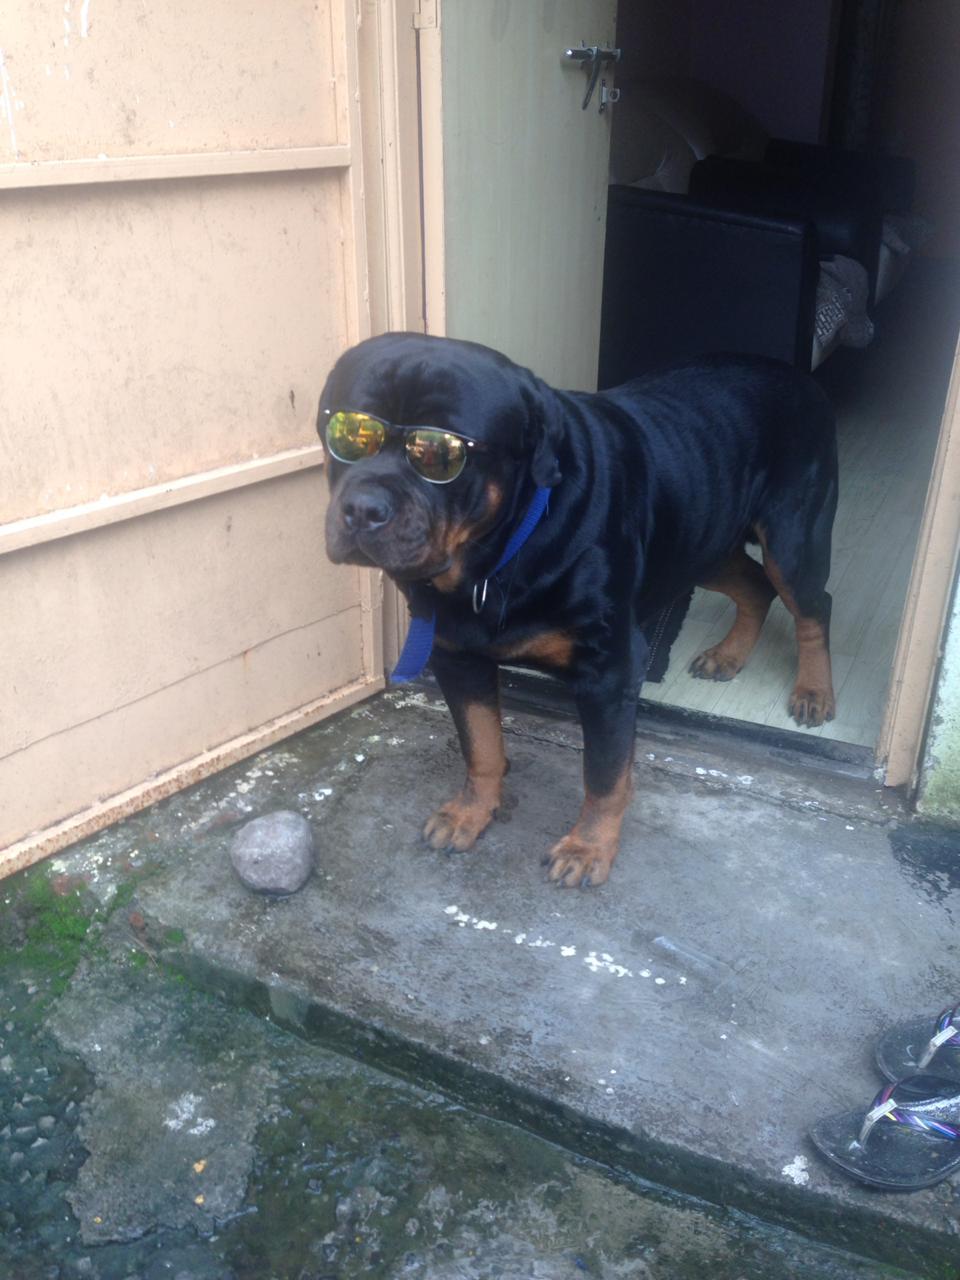 जाधव कुटुंबातील या कुत्र्याचे नाव ब्रुनो असून त्याचं वय 2 वर्षे आहे.